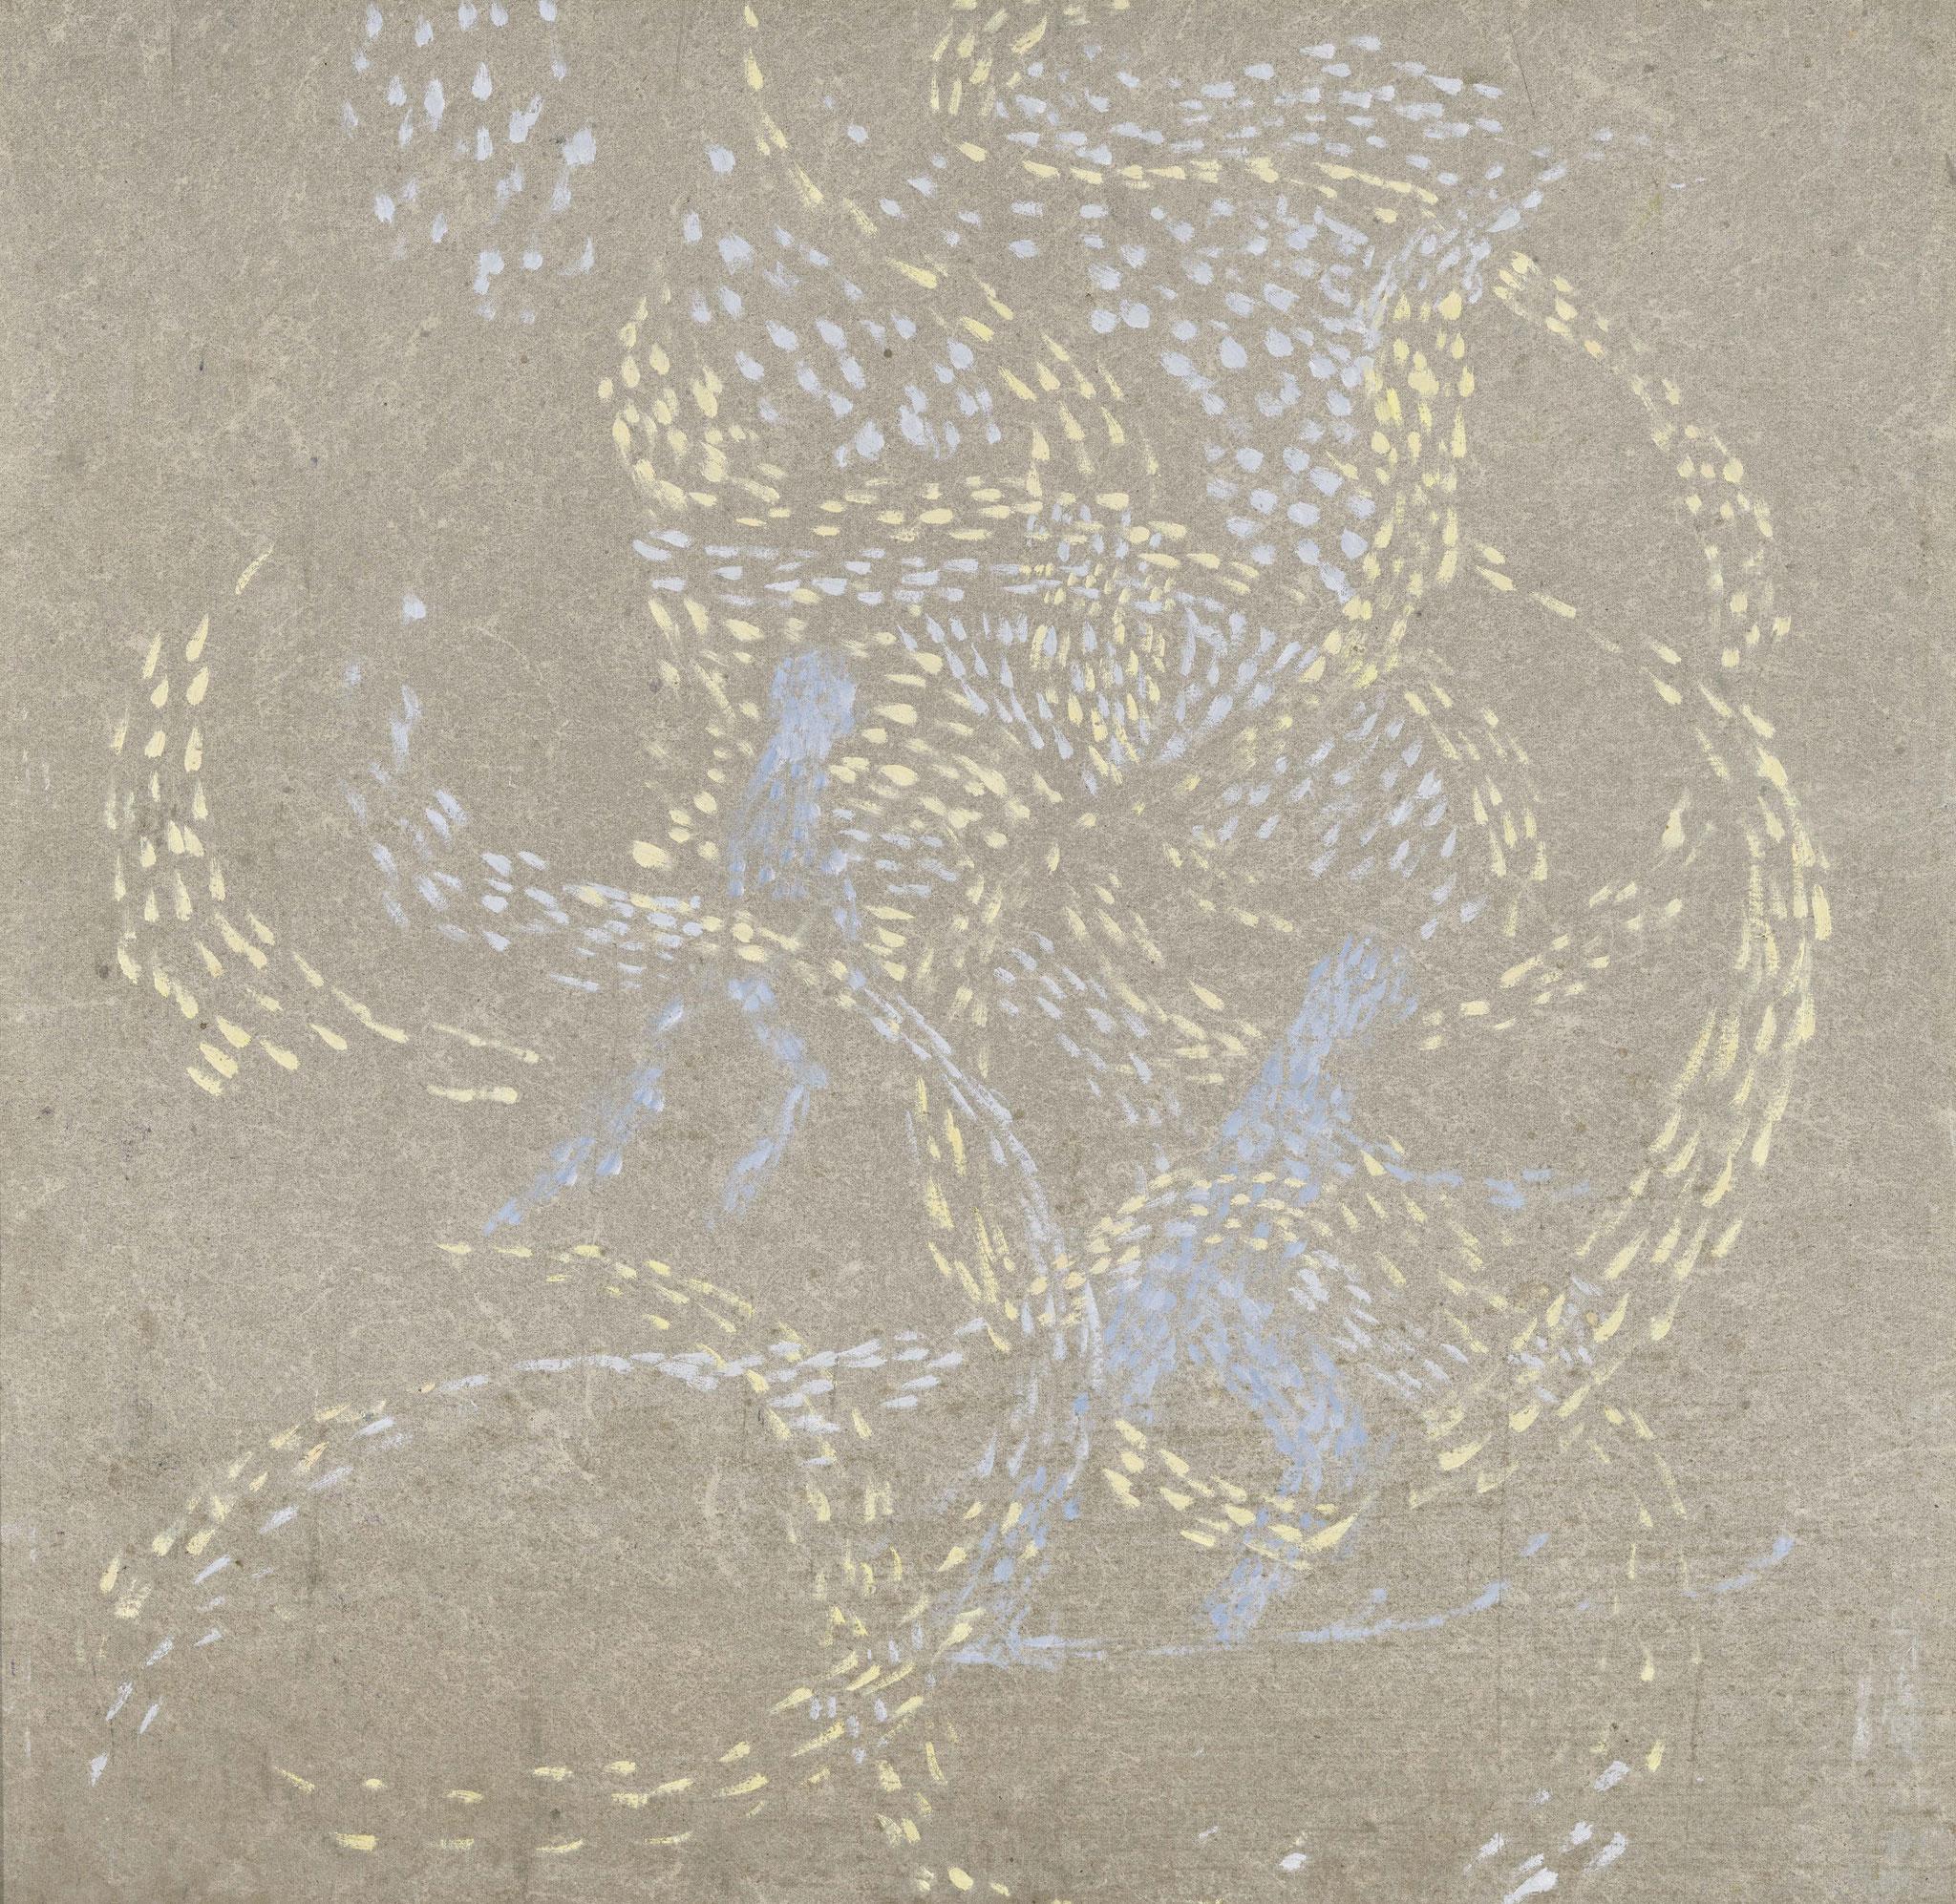 Cuno Amiet, Skispuren, 1904